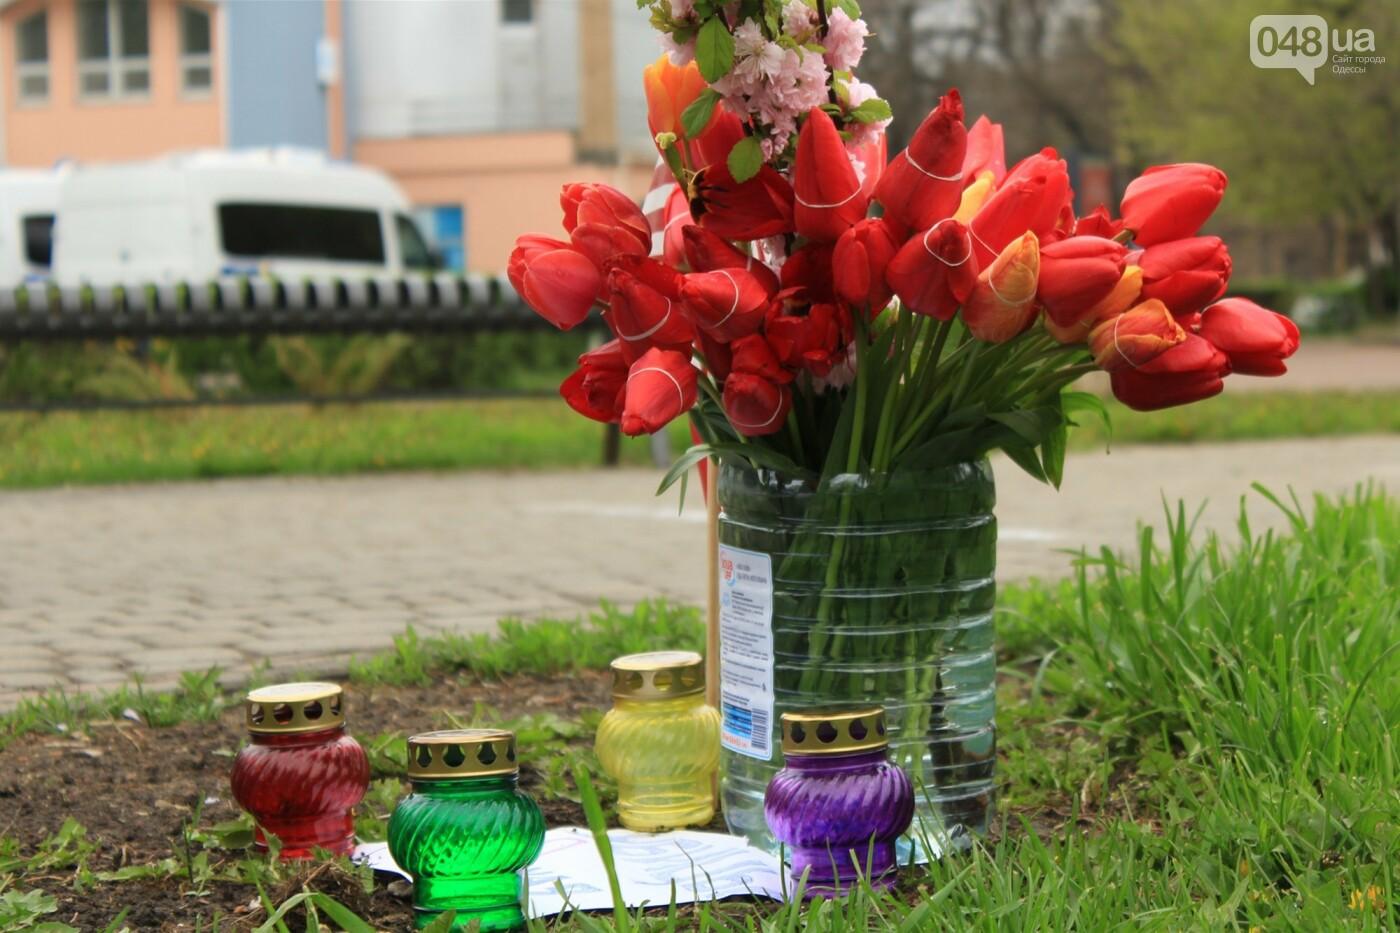 В Одессе к Дому профсоюзов несут цветы под присмотром полиции и медиков, - ФОТО, ВИДЕО , фото-9